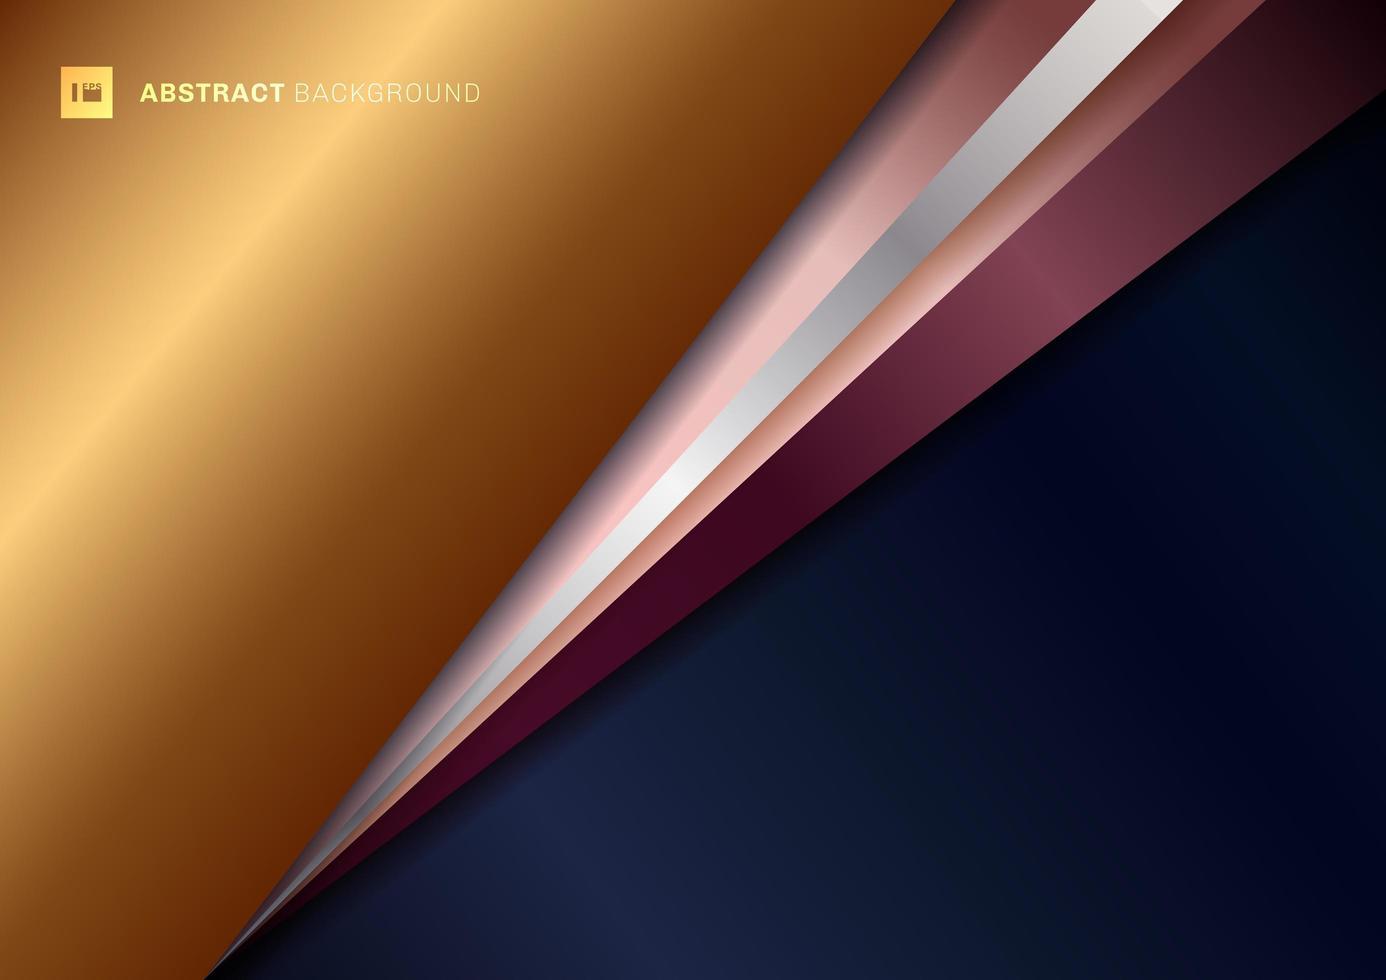 abstrato fundo triângulo geométrico azul com ouro, prata e rosa diagonal sobreposição com sombra. vetor